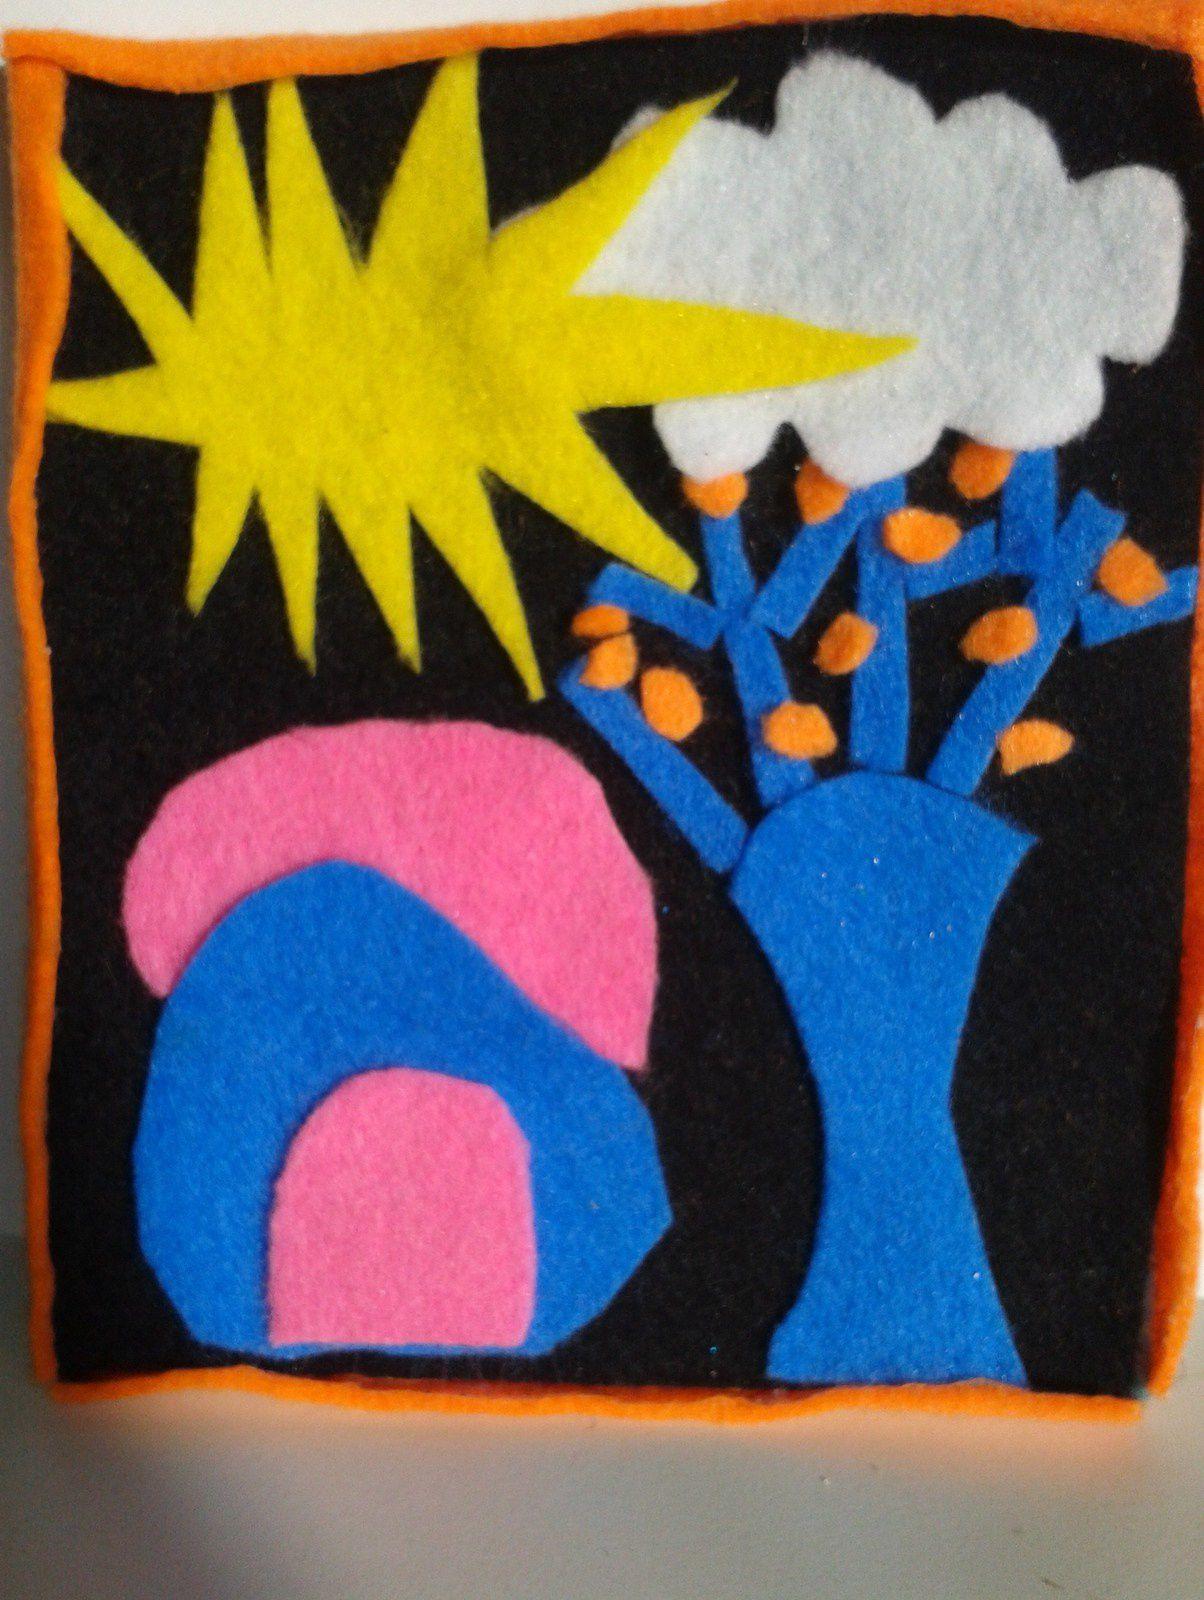 technique mixte : craies, encre, acrylique, éponge, gouache, crayon de couleur.